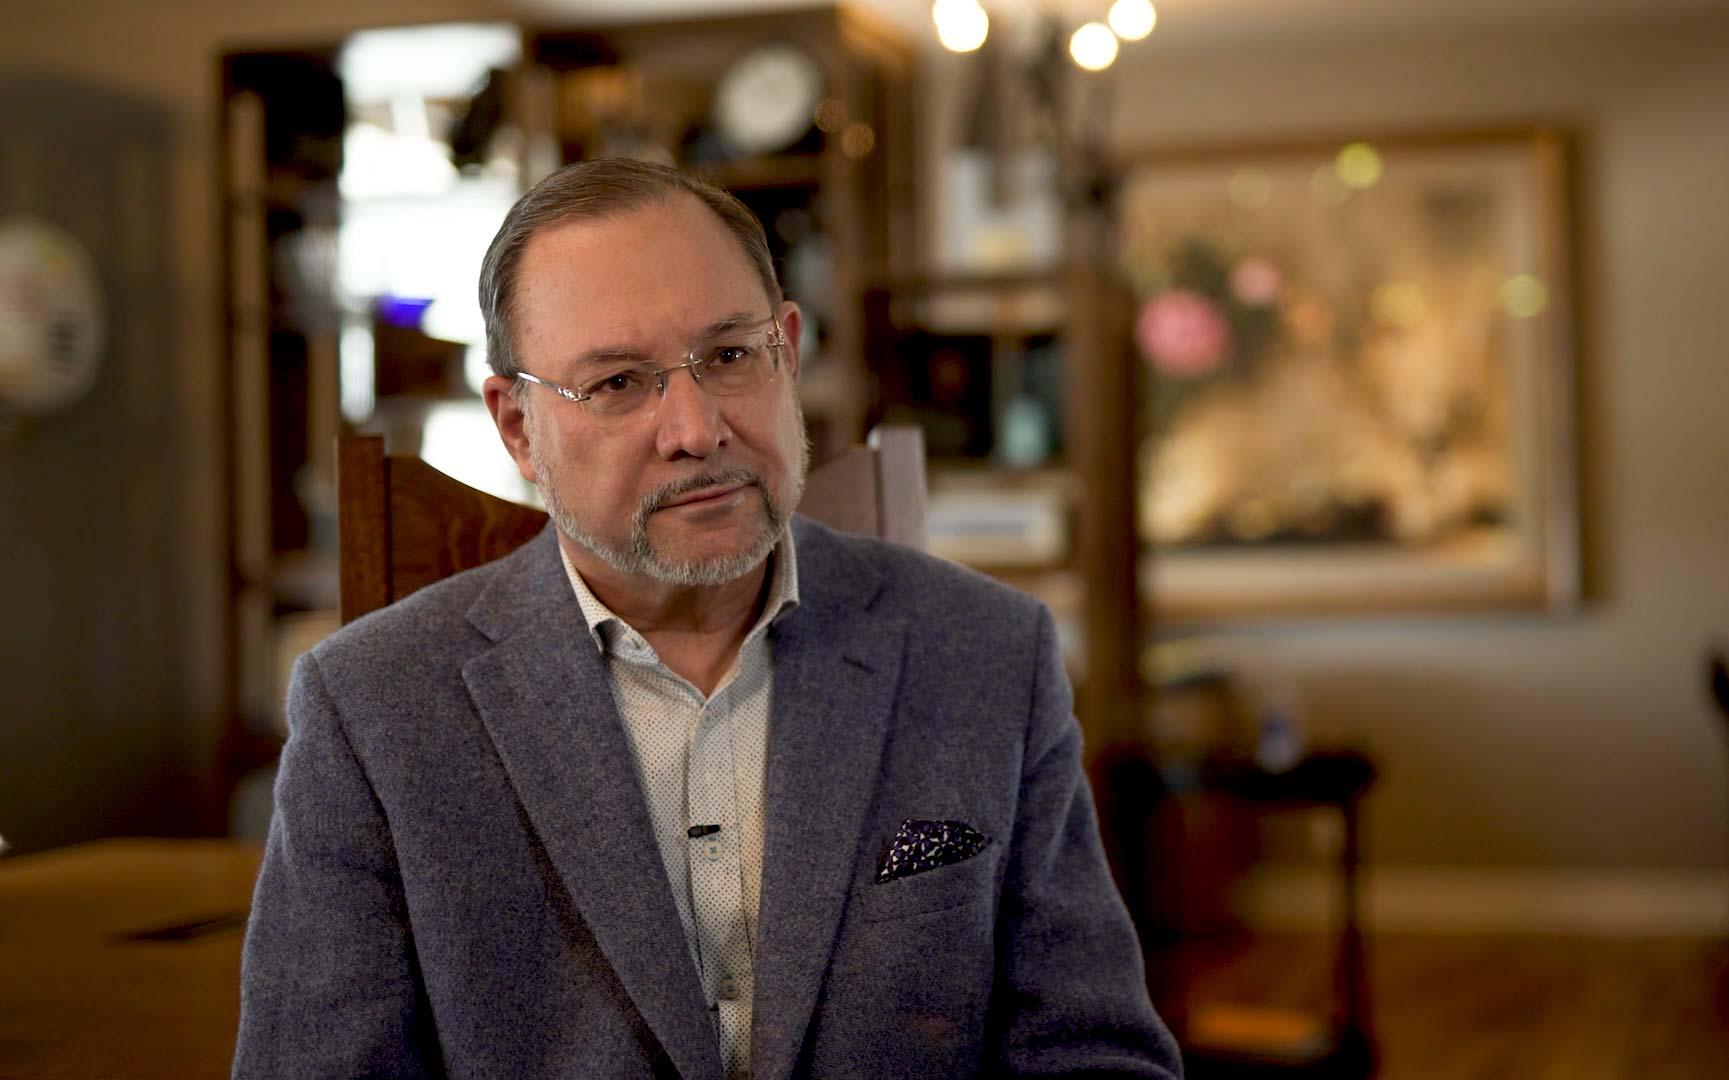 Steve Martin, Virta Advisor and Former CEO of BCBS Nebraska